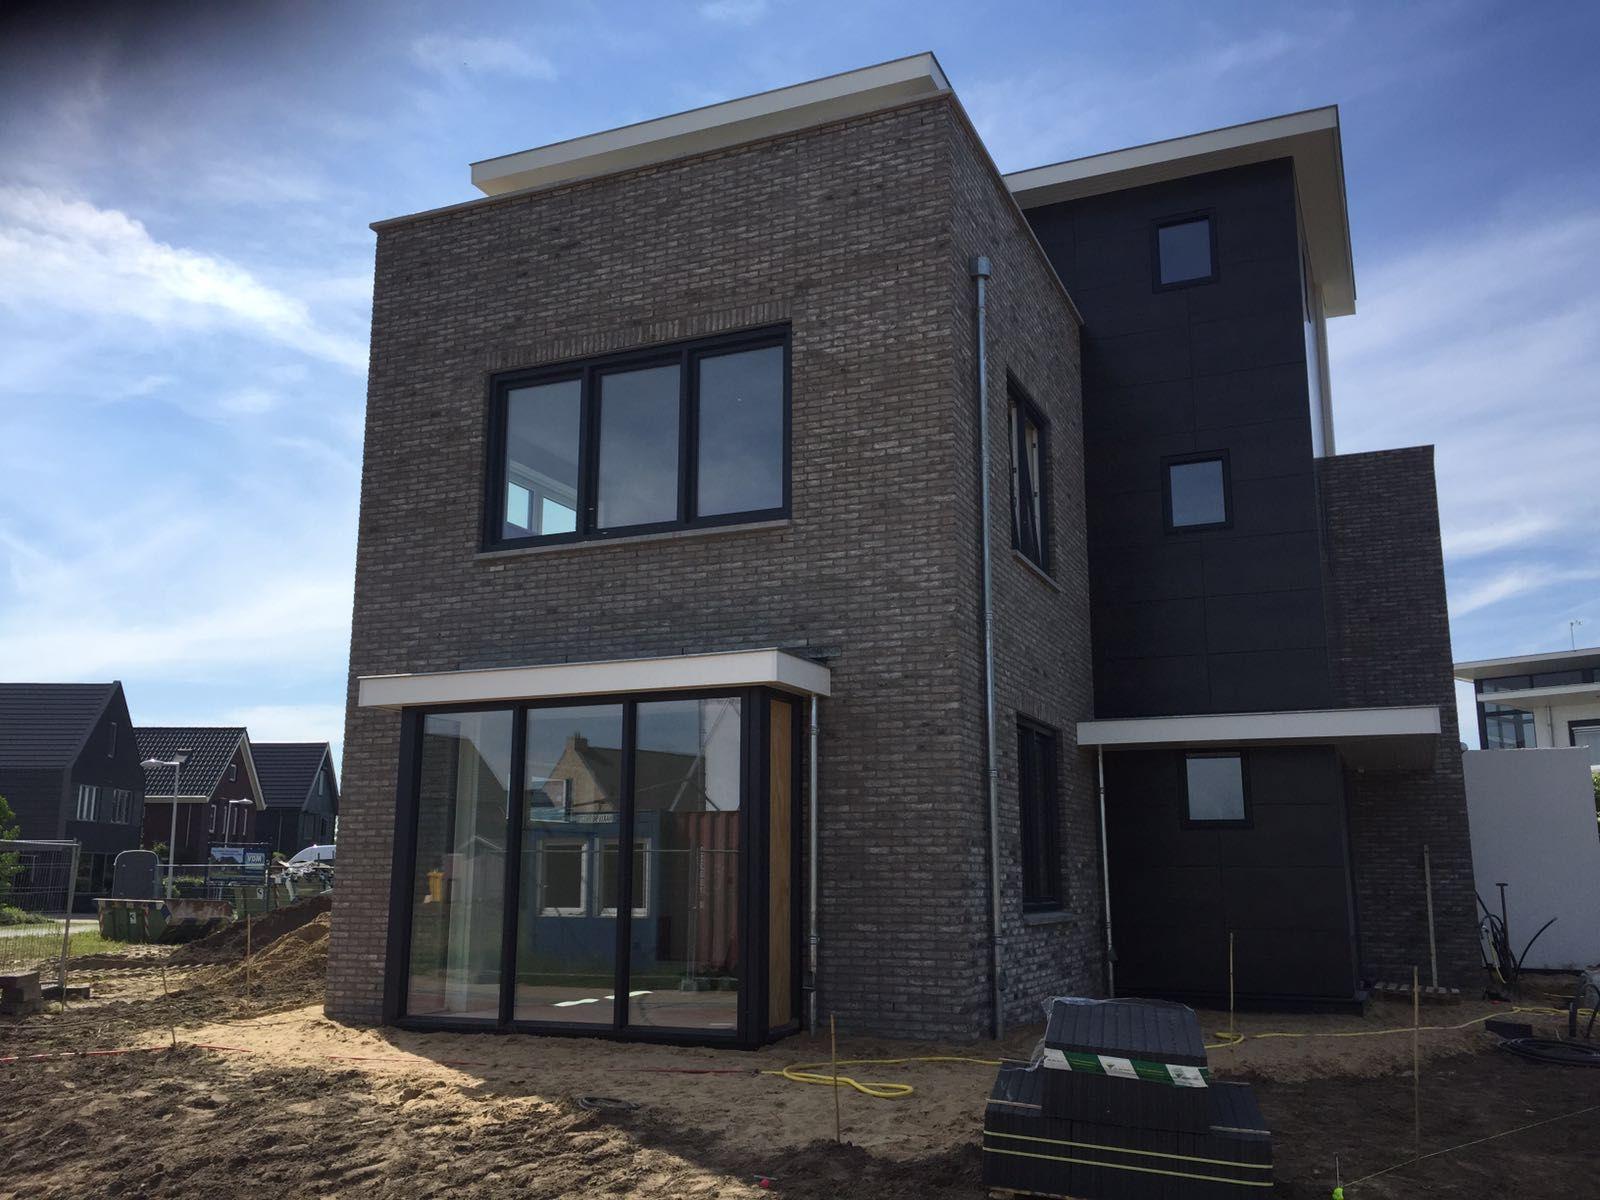 Barneveld realisatie van een nieuwbouw vrijstaande woning in moderne